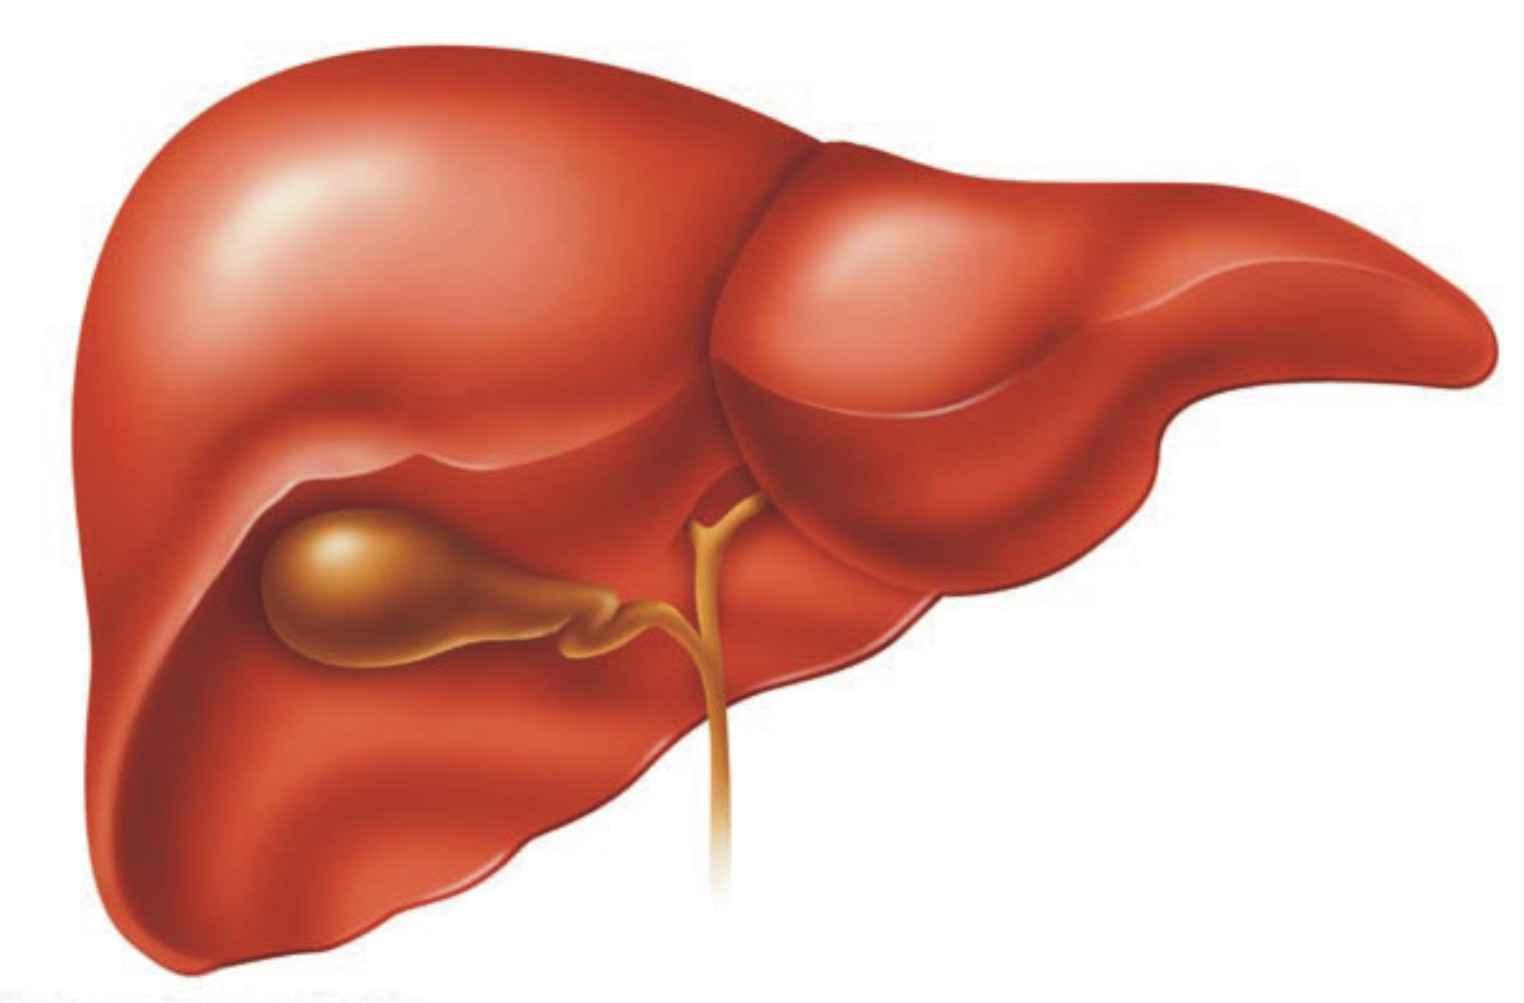 أطباء أتراك يبتكرون تقنية فريدة لزراعة الكبد